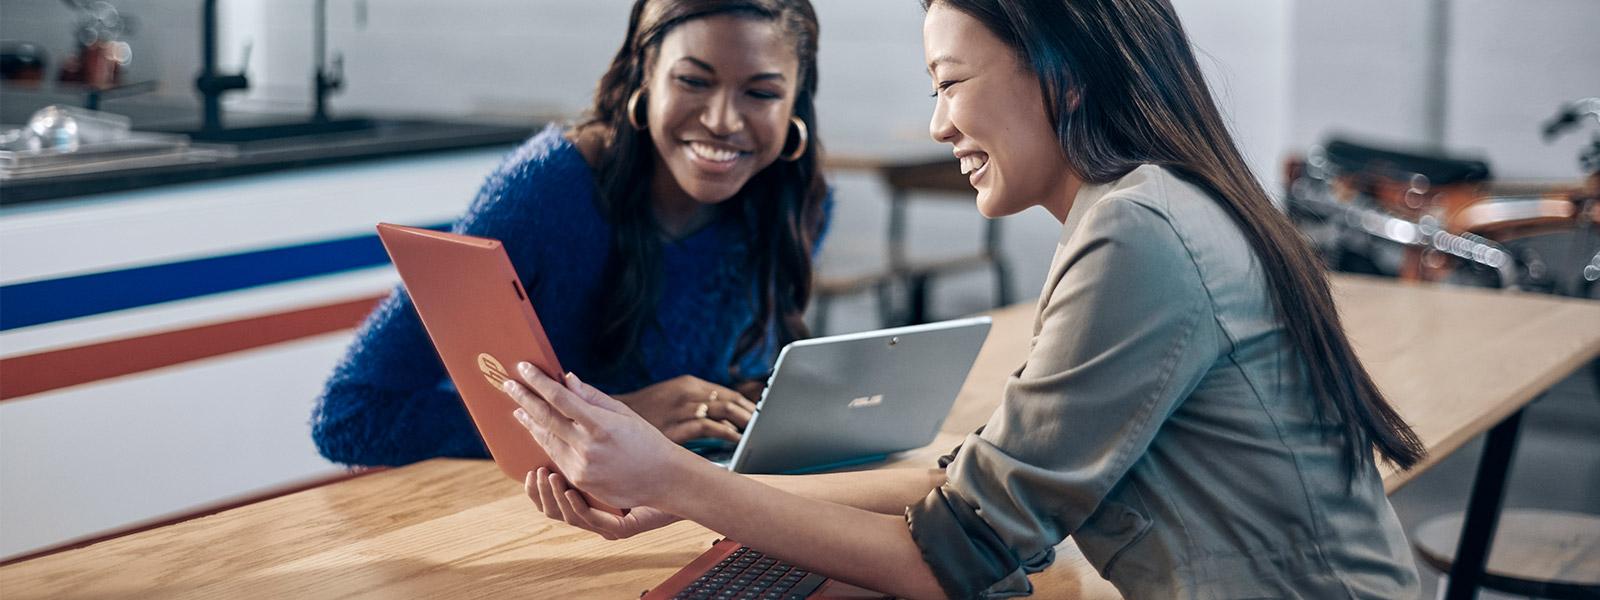 سيدتان تجلسان عند إحدى الطاولات، وتنظران إلى شاشة كمبيوتر لوحي أثناء تلقي المساعدة من قِبَل السيدة الأخرى